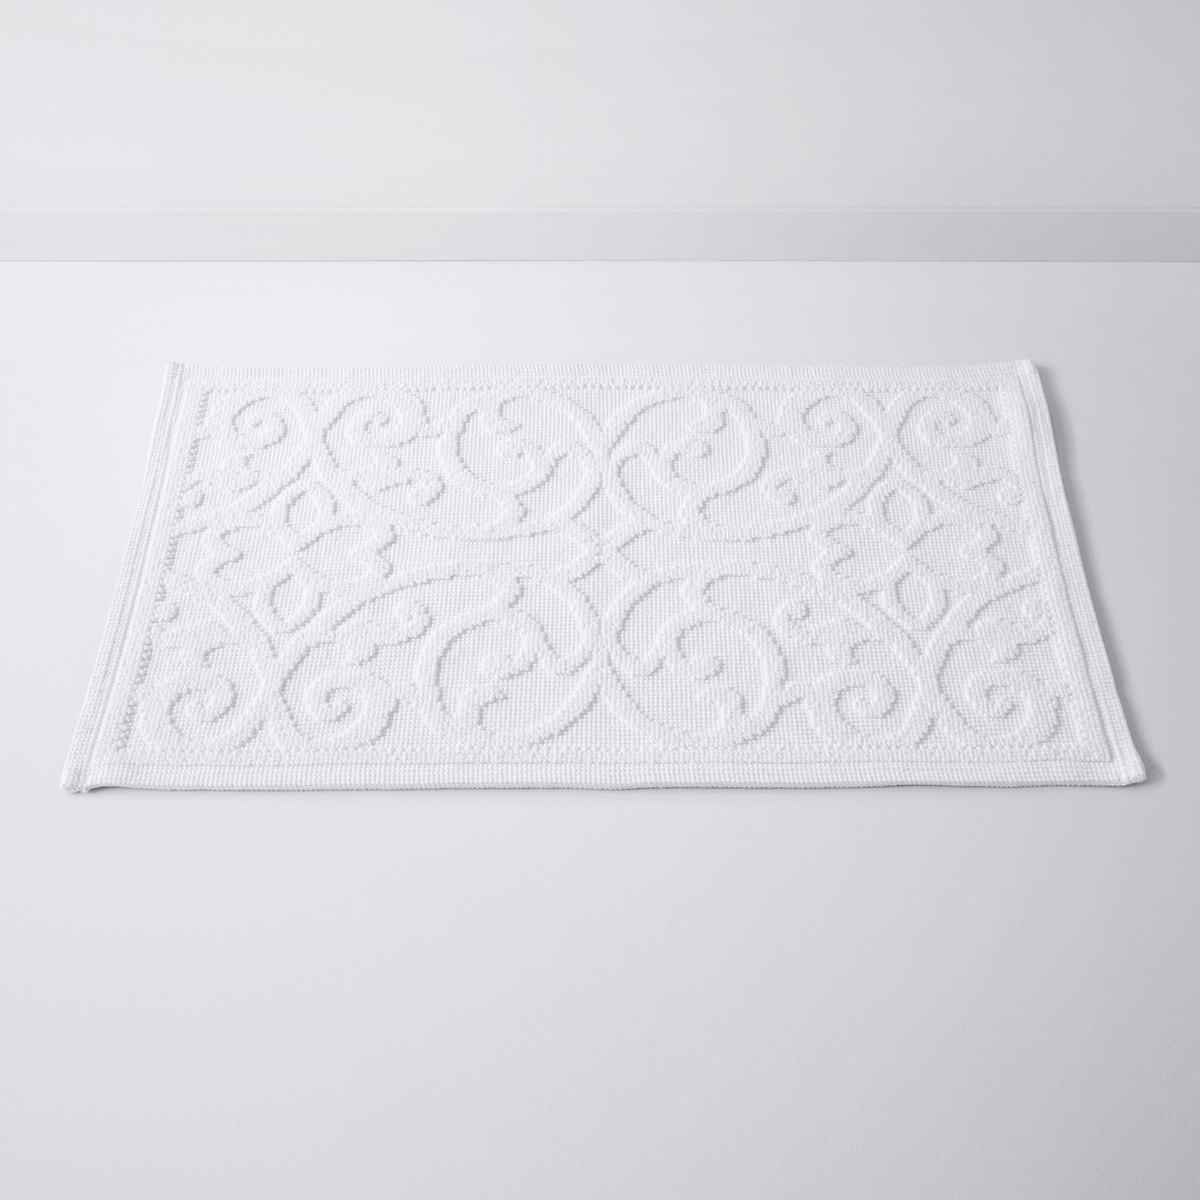 Коврик для ваннойс рельефным рисункомDAMASK, 100% хлопок (1500 г/м?)Коврик для ванной, качество Best, с рельефным рисунком, 100% хлопок. Изысканный рельефный рисунок украшает этот коврик для ванной, который принесет в Вашу ванную комнату 100% декора высшего класса и 100% качества Best! Характеристики:Материал: 100% хлопок (1500 г/м?).Противоскользящее покрытие с изнанки.Уход:Машинная стирка при 60°С.Размеры:50 x 70 см.<br><br>Цвет: белый,бледно-розовый,серо-синий<br>Размер: 50 x 80  см.50 x 80  см